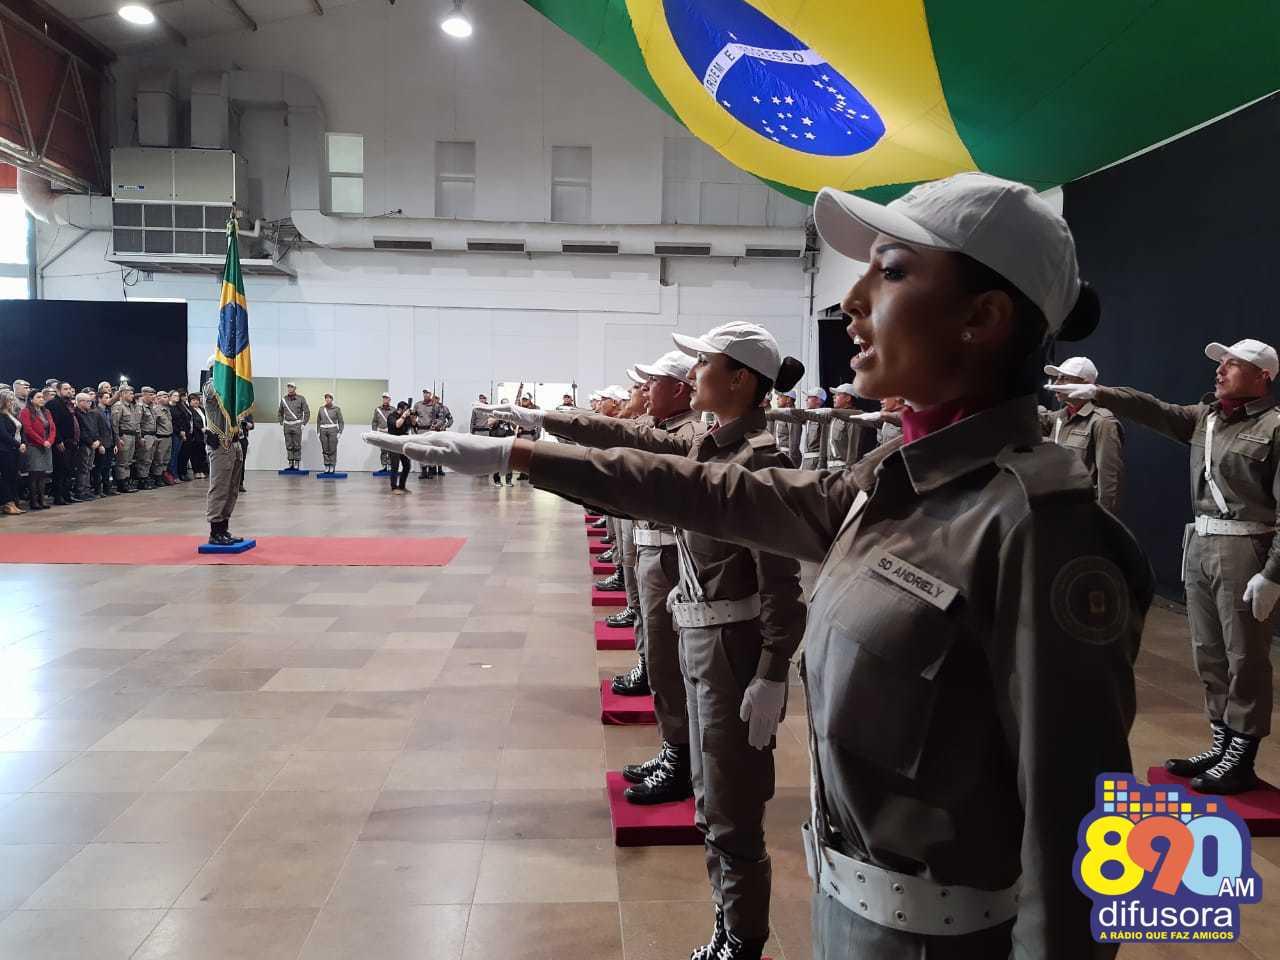 Novos soldados da Brigada Militar são formados em evento em Bento Gonçalves